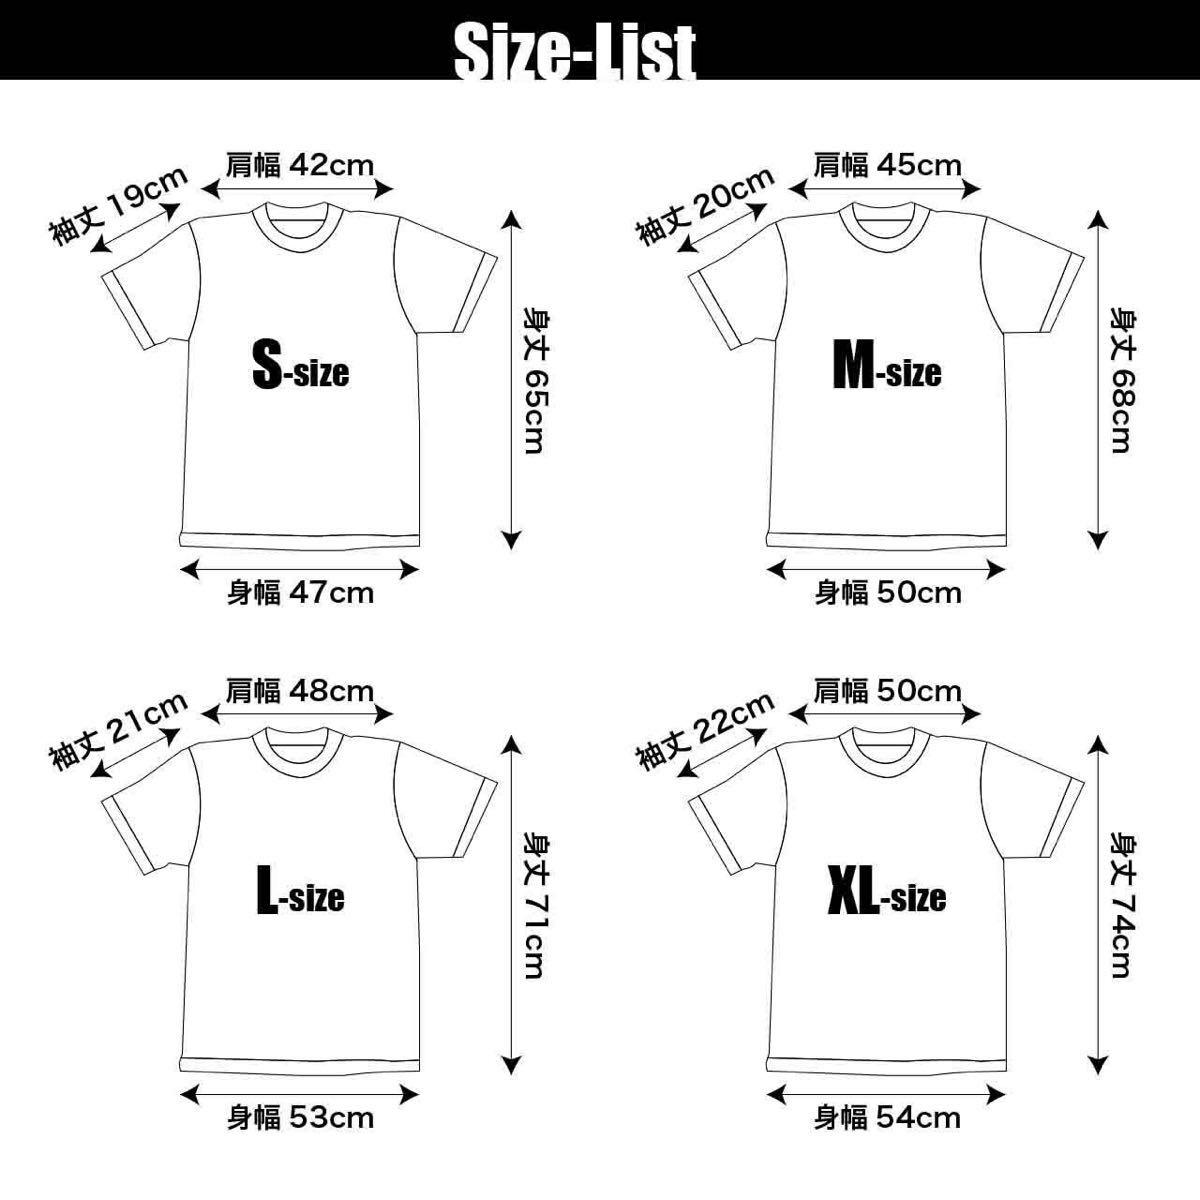 新品 BANKSY バンクシー ゲロ ハート グラフィティ ペーパー アート Tシャツ S M L XL ビッグ オーバー サイズ XXL ~ 5XL 長袖 黒 対応_画像4